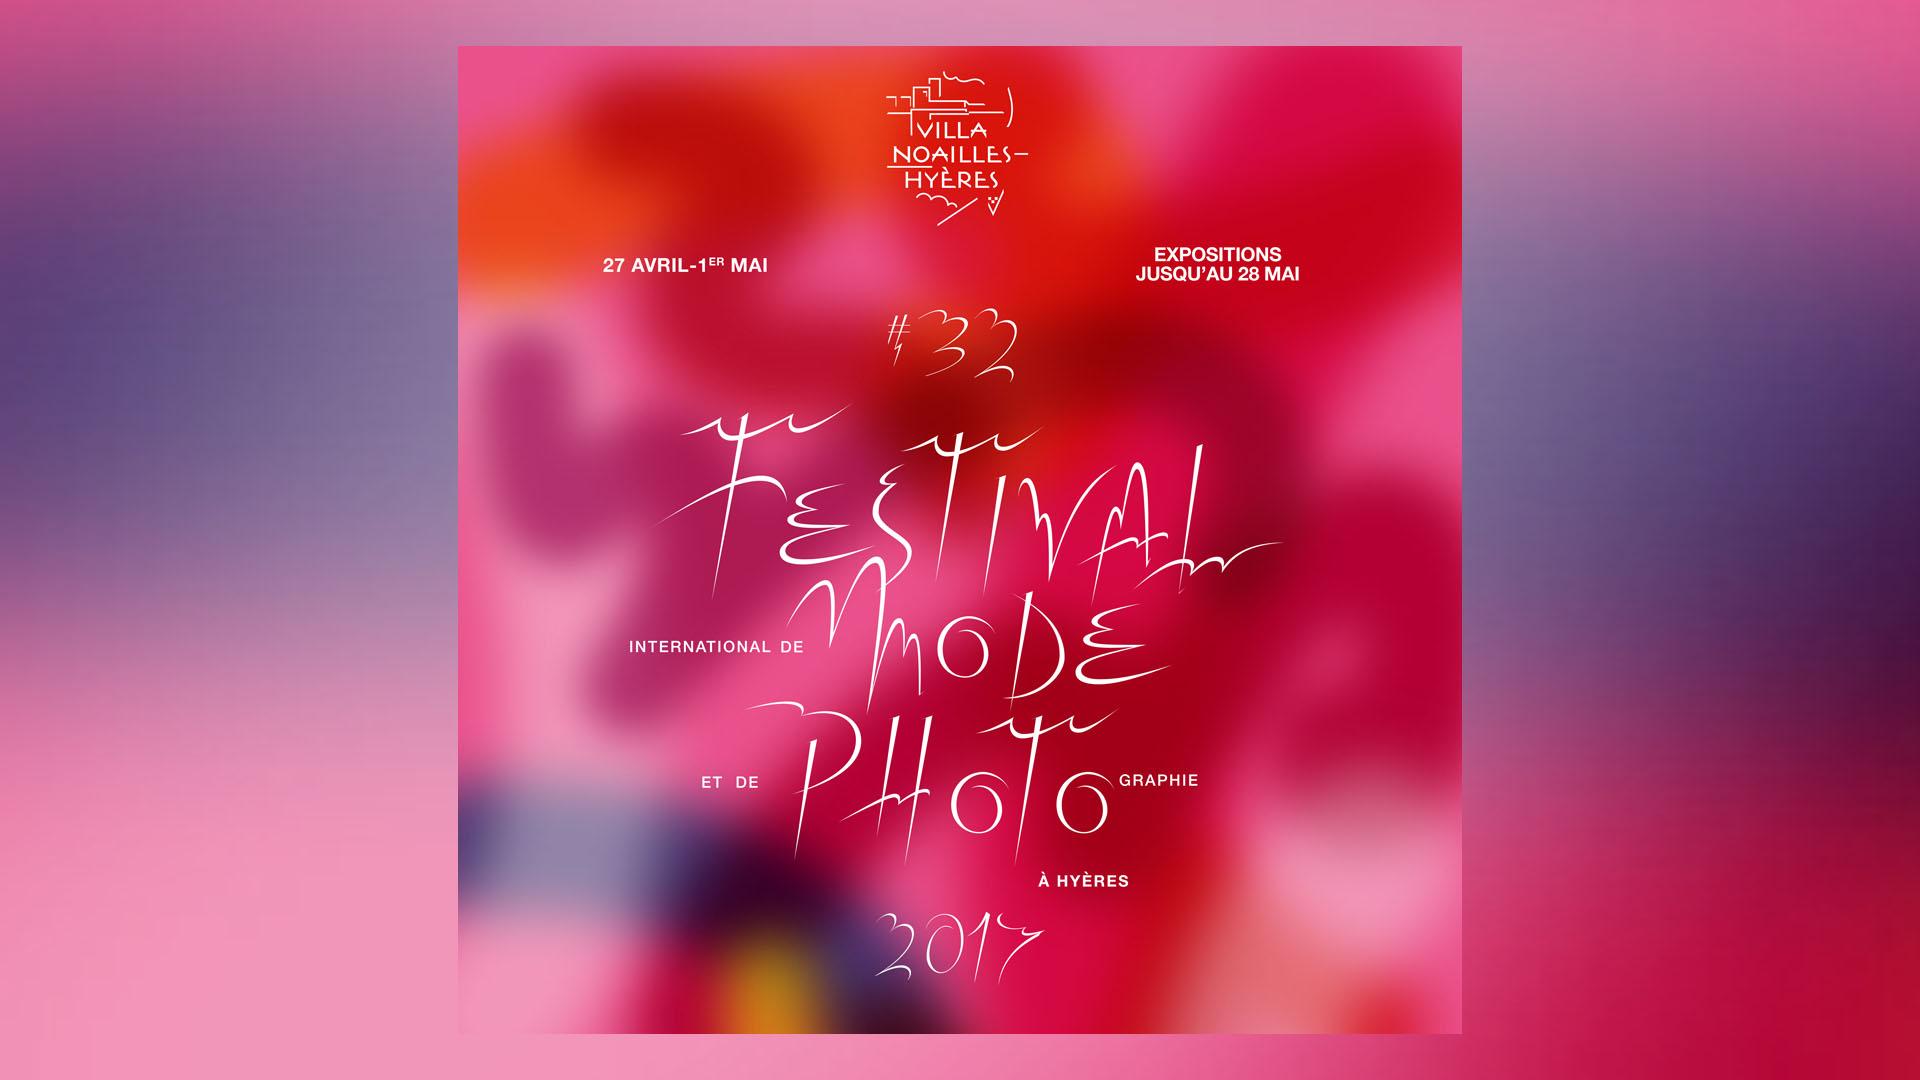 Festival-mode-et-photographie-hyeres-2017